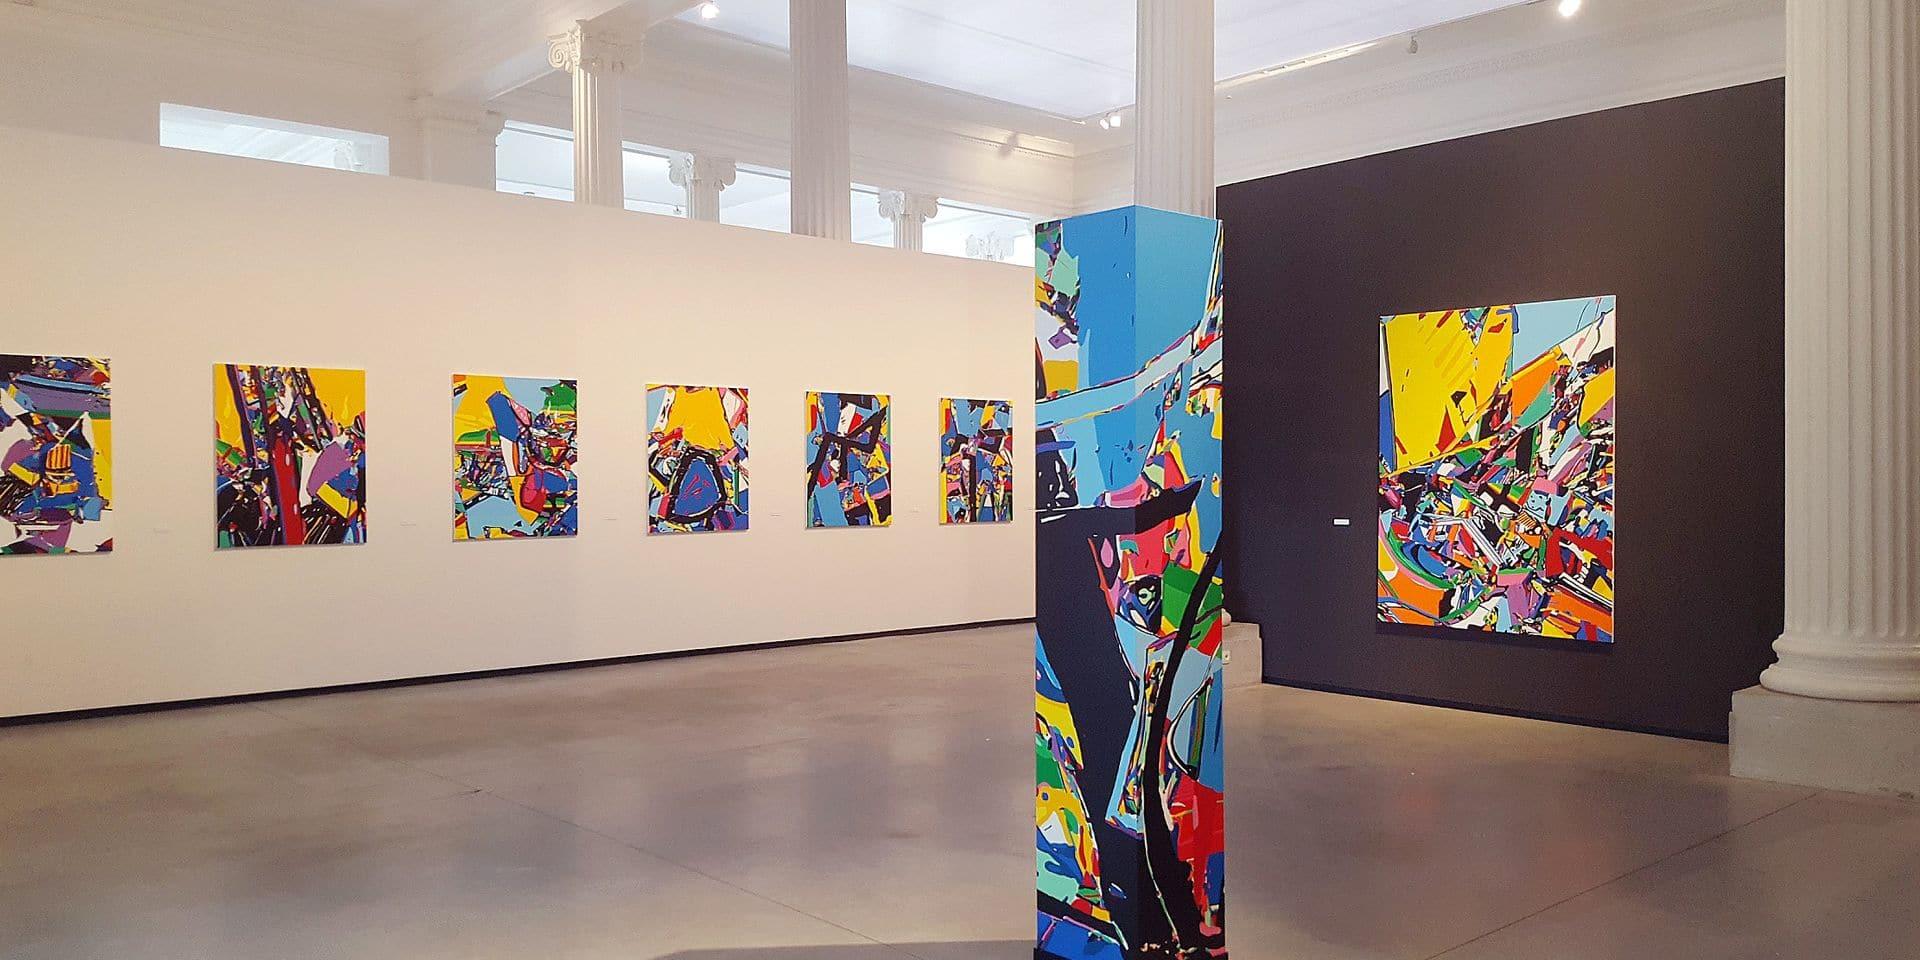 Les 40 ans de peinture de Luis Salazar exposés au musée La Boverie